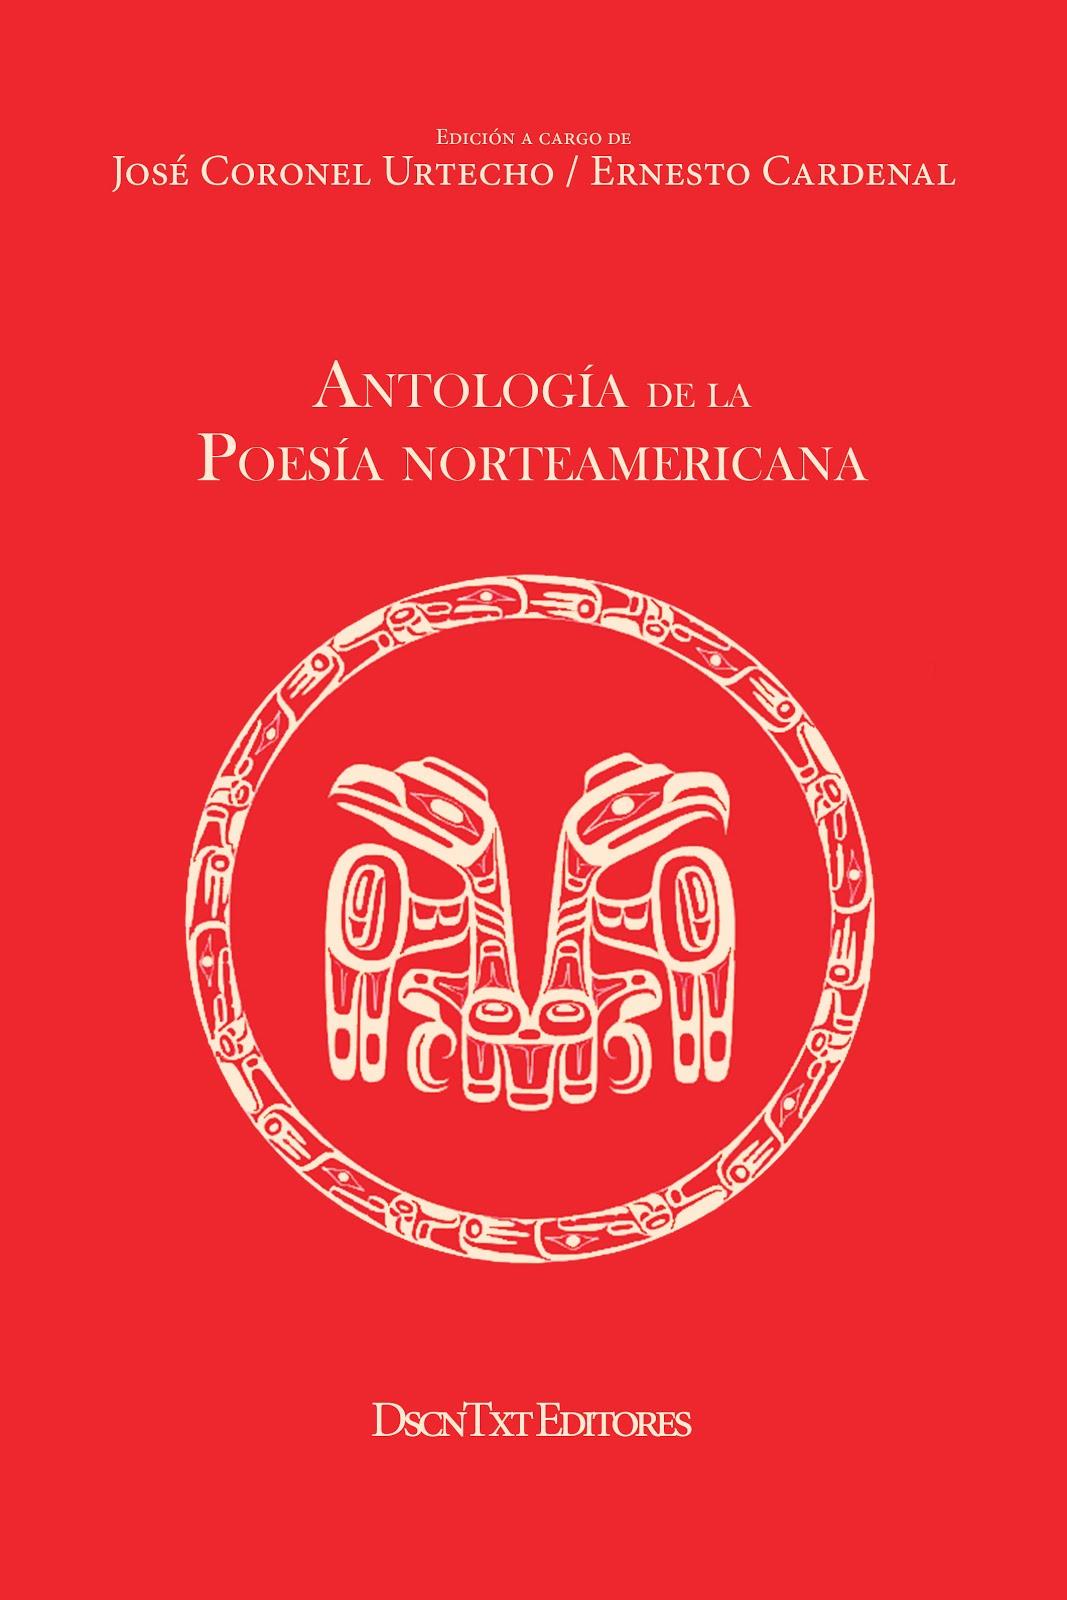 Antología de la Poesía Norteamericana. Edición de José Coronel Urtecho y Ernesto Cardenal